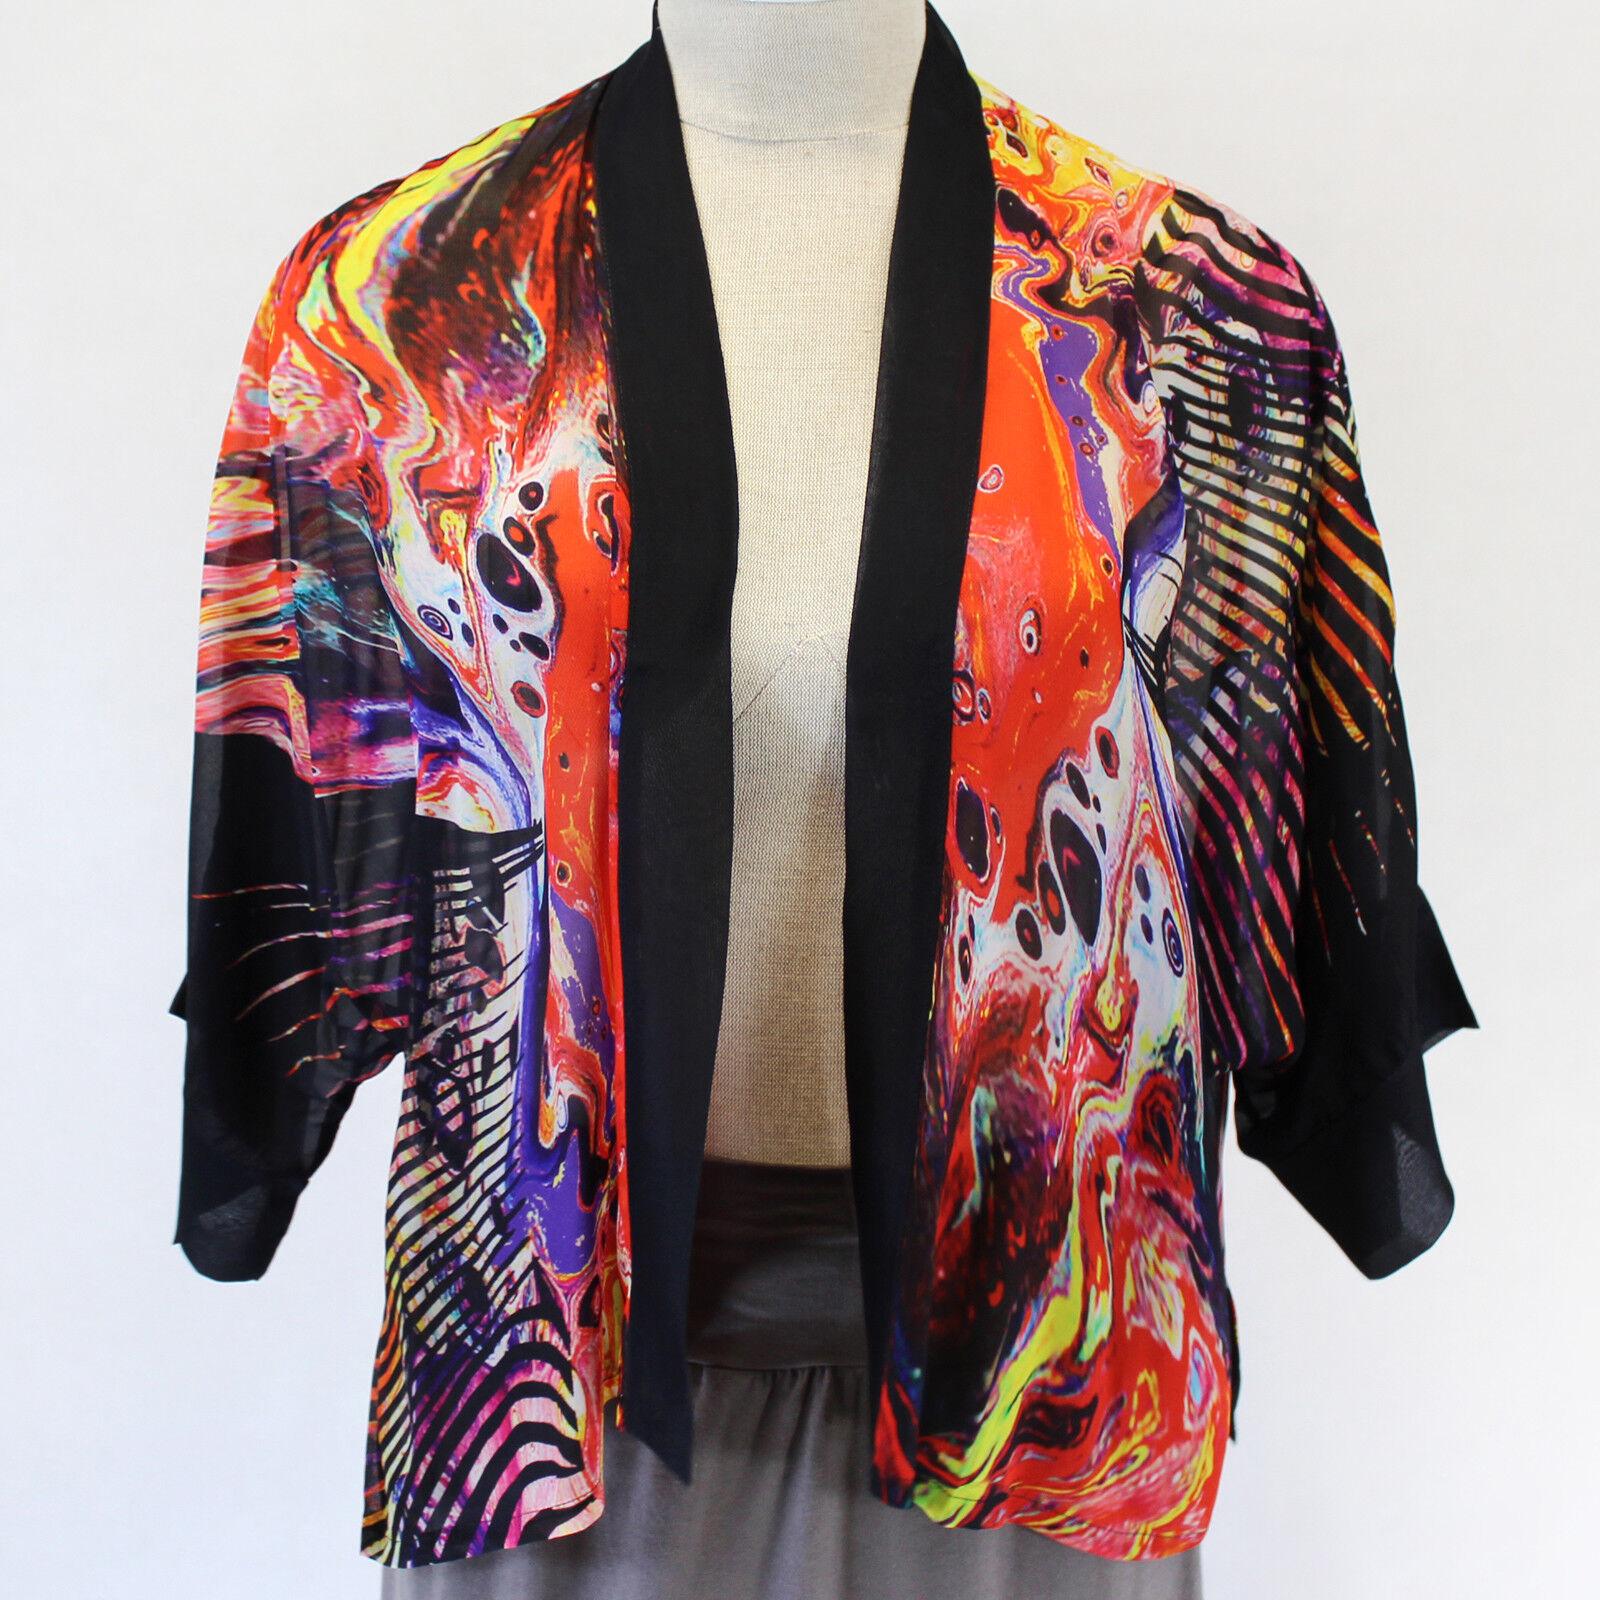 NEW Dilemma Plus Vital Inspirot Kabuki 100% Silk Cardigan Top OS Fits  XL 1X 2X